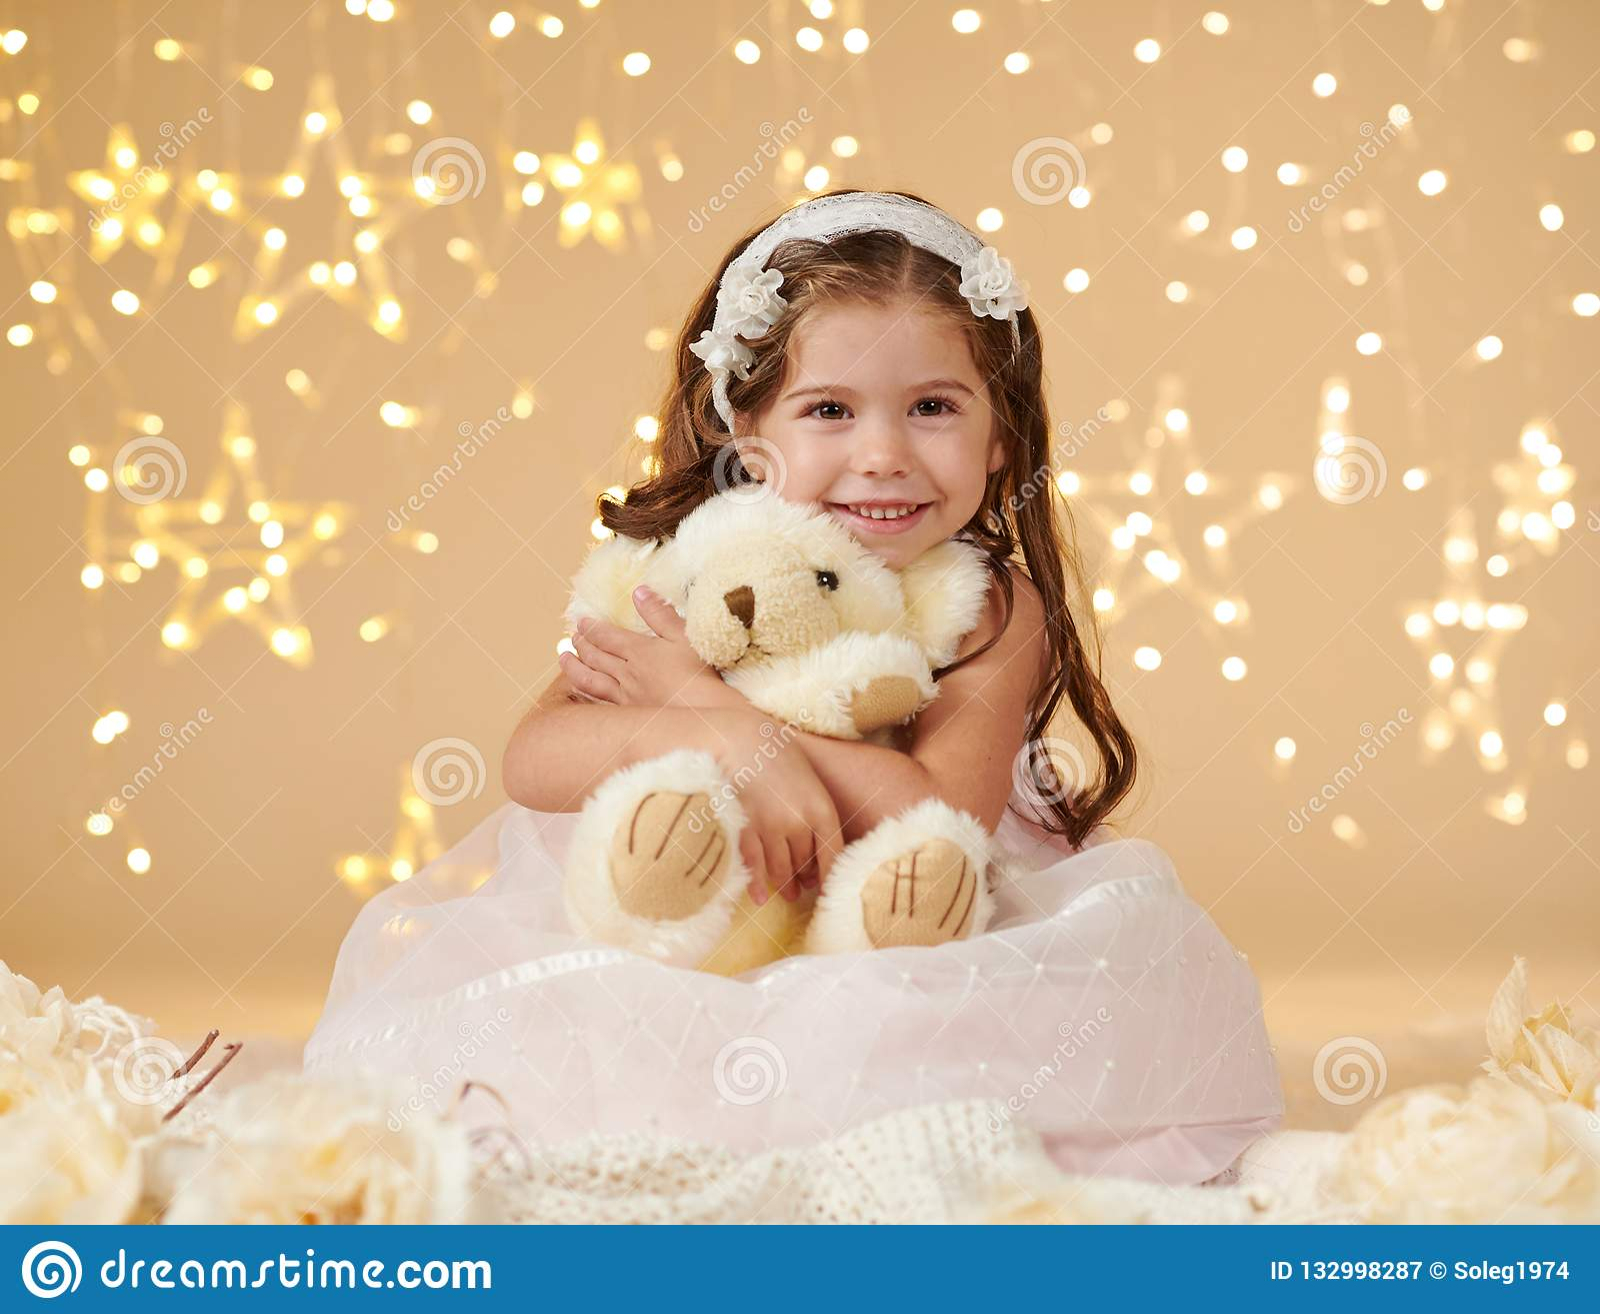 Dziewczyny dziecko z niedźwiedź zabawką pozuje w bożonarodzeniowych światłach, żółty tło, menchia ubiera